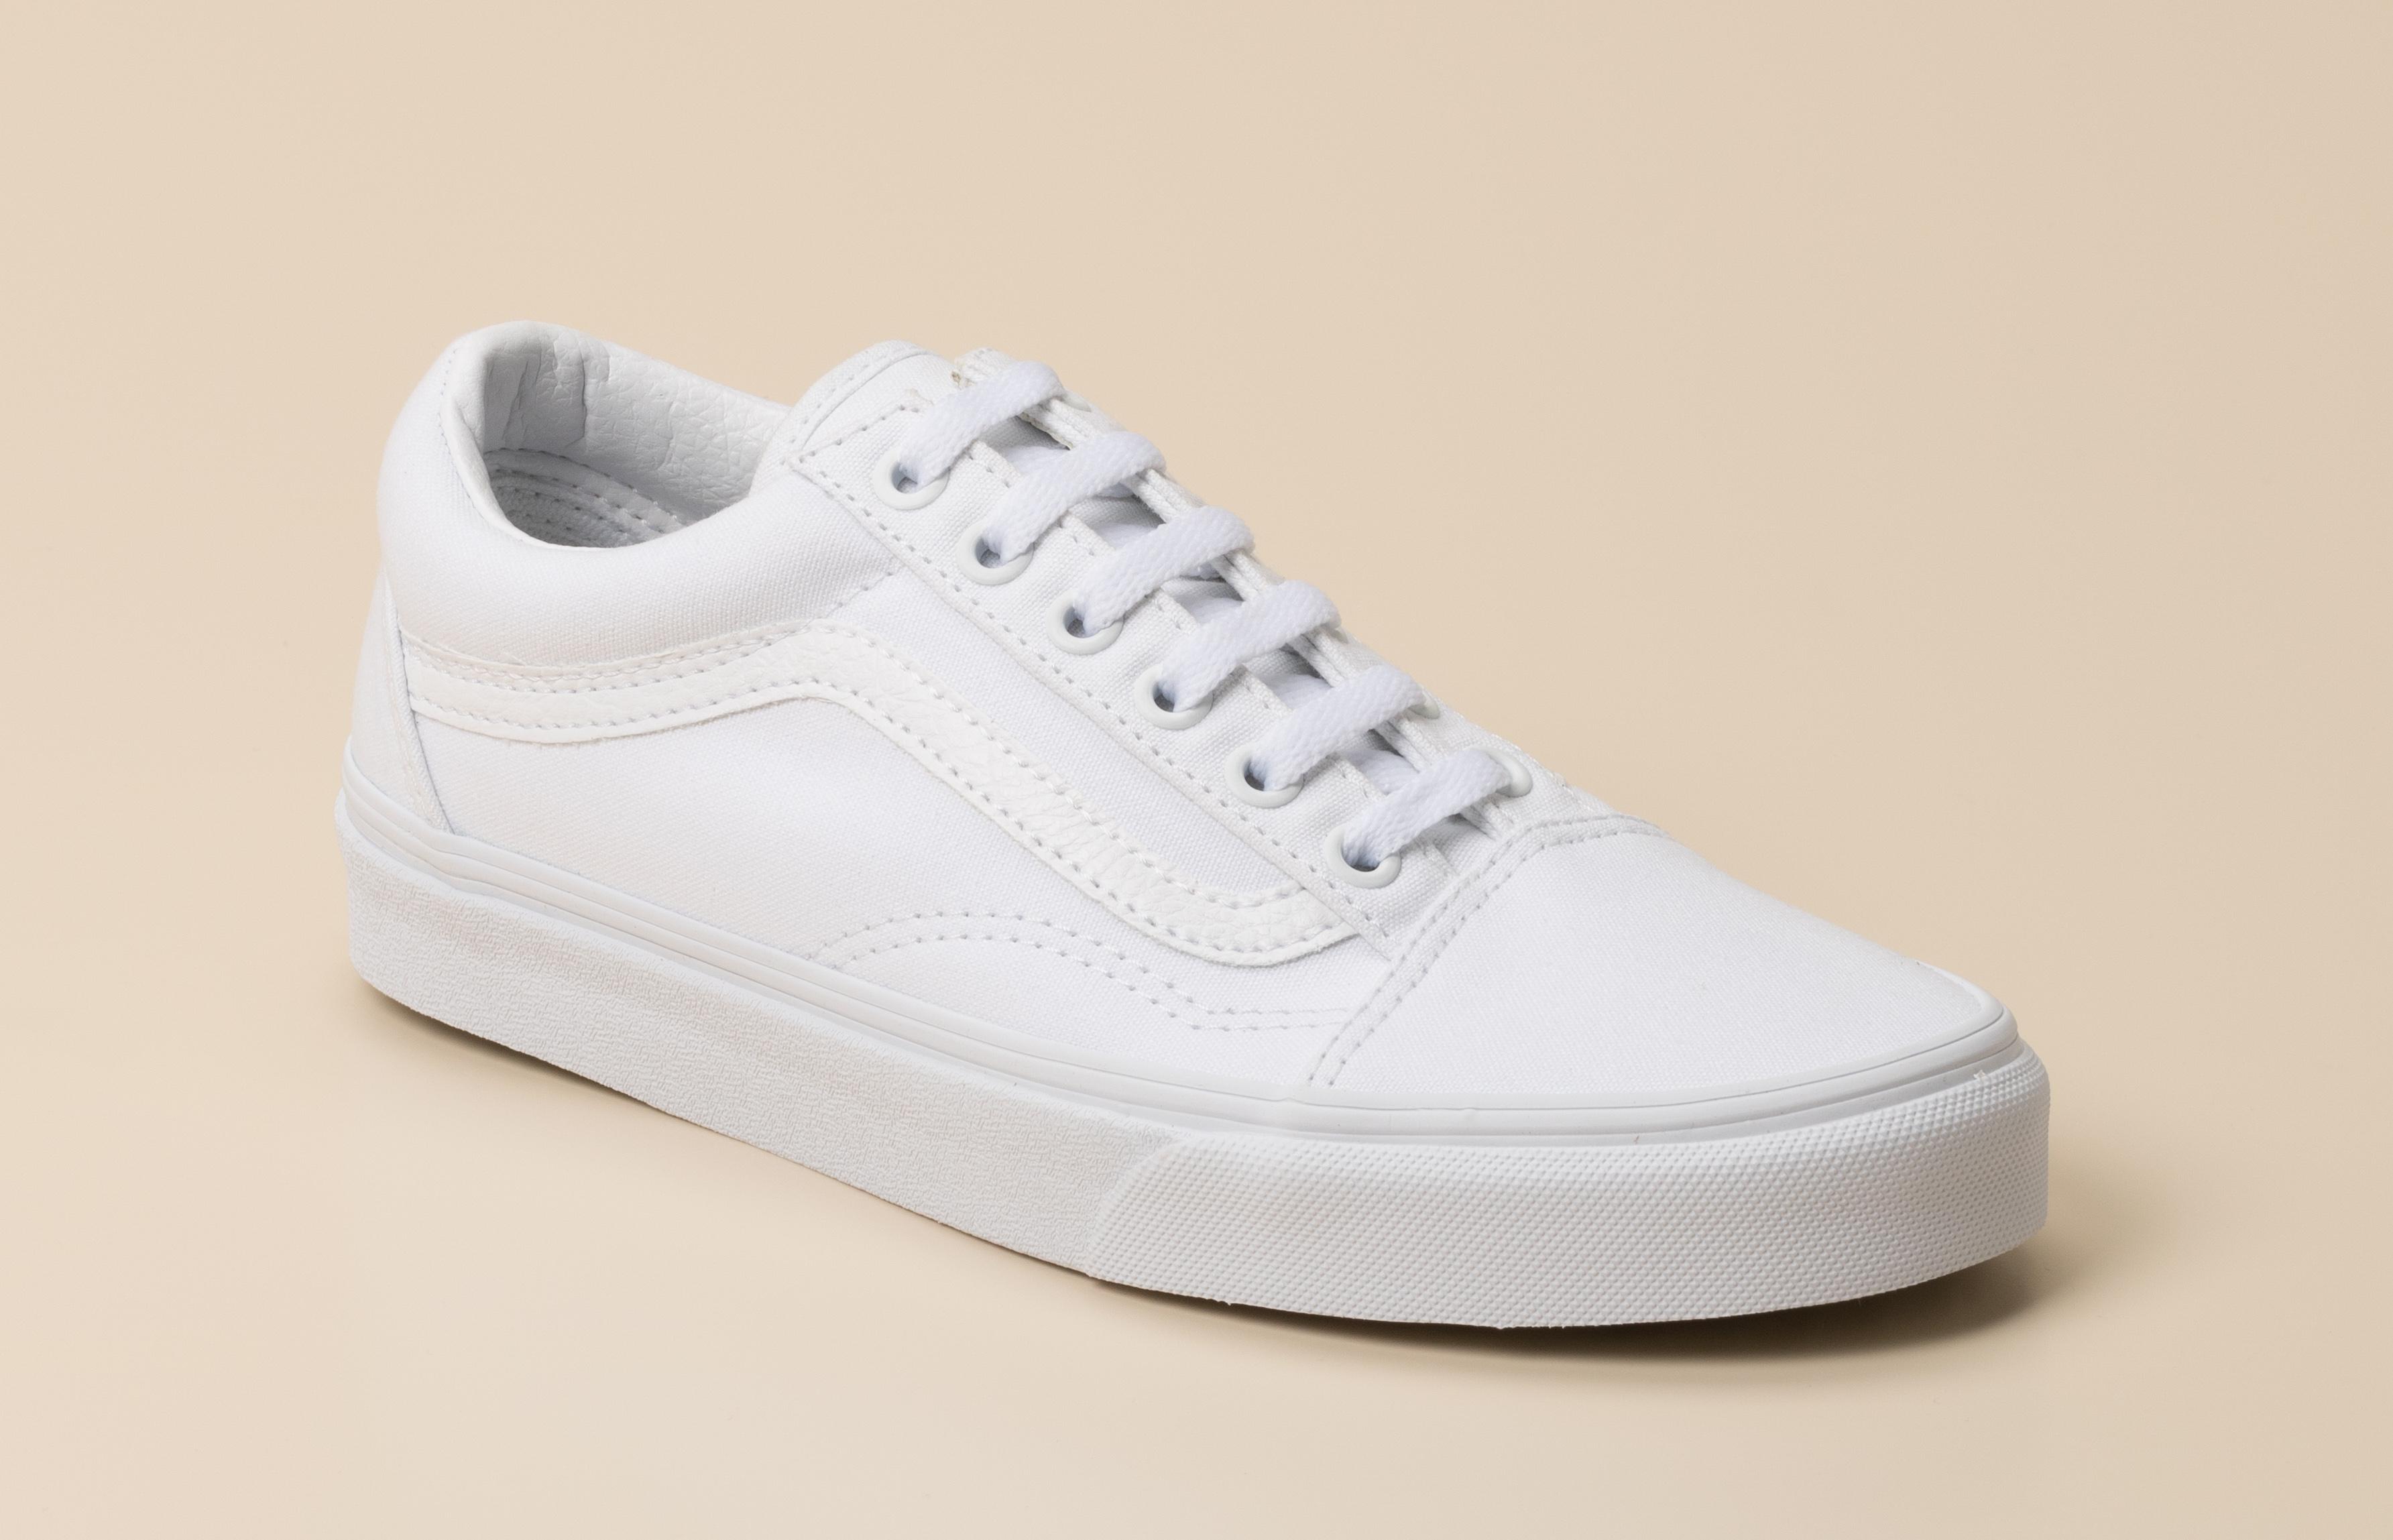 Vans Damen Sneaker in weiß kaufen | Zumnorde Online Shop